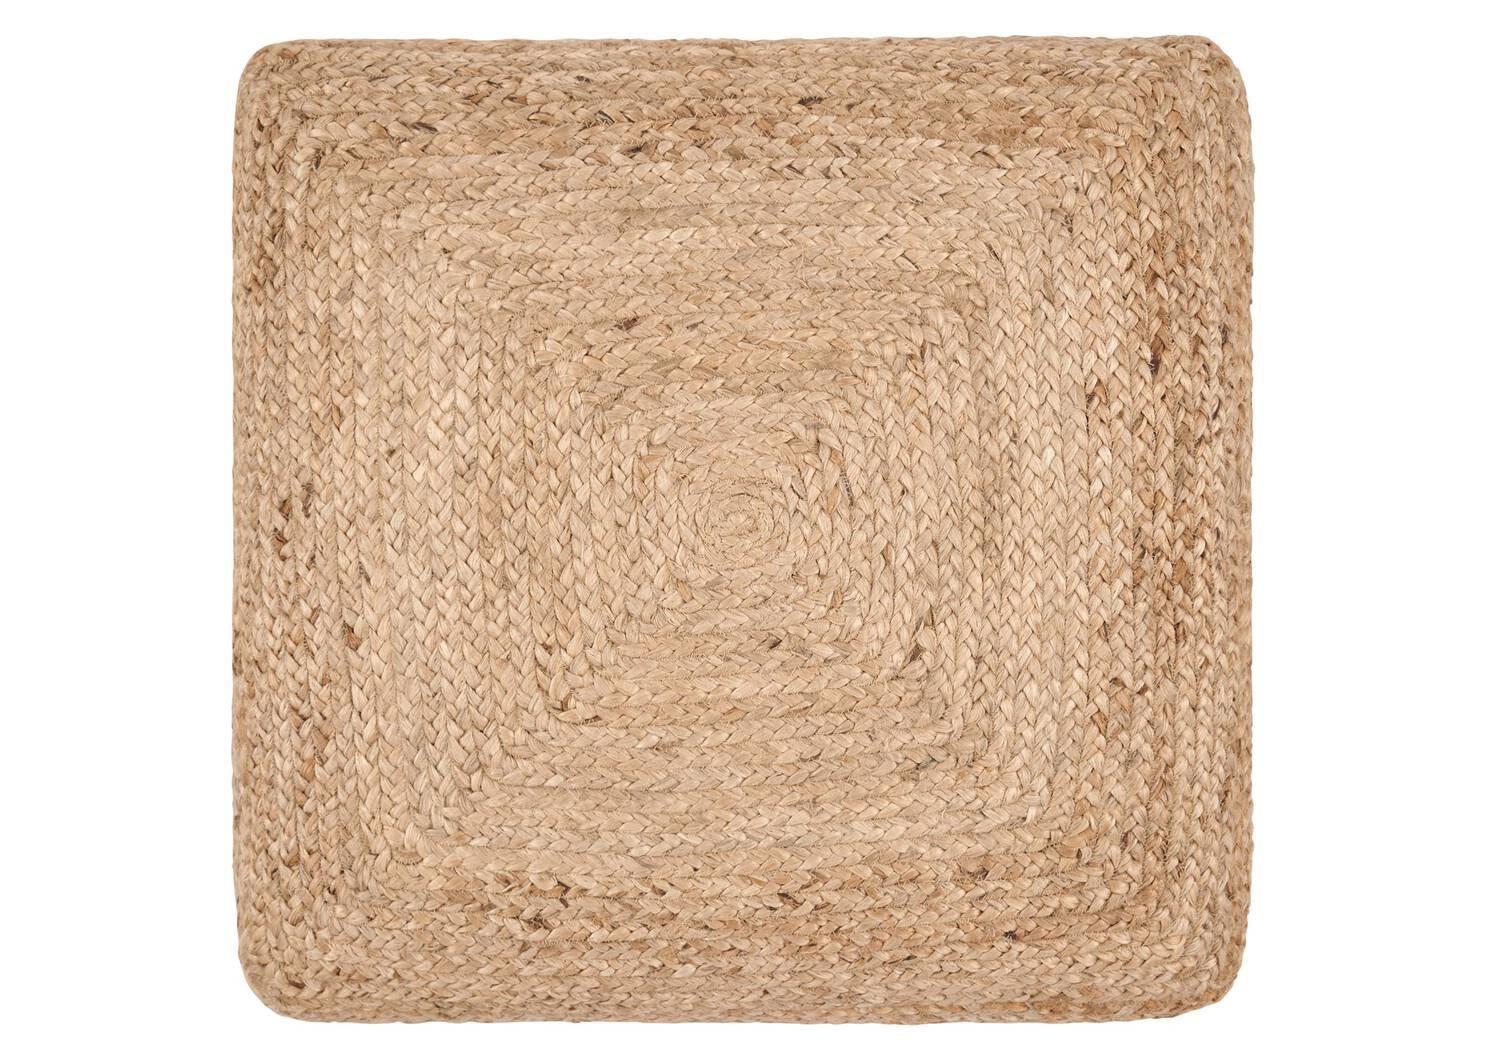 Coussin de sol carré en jute Ramirez nat